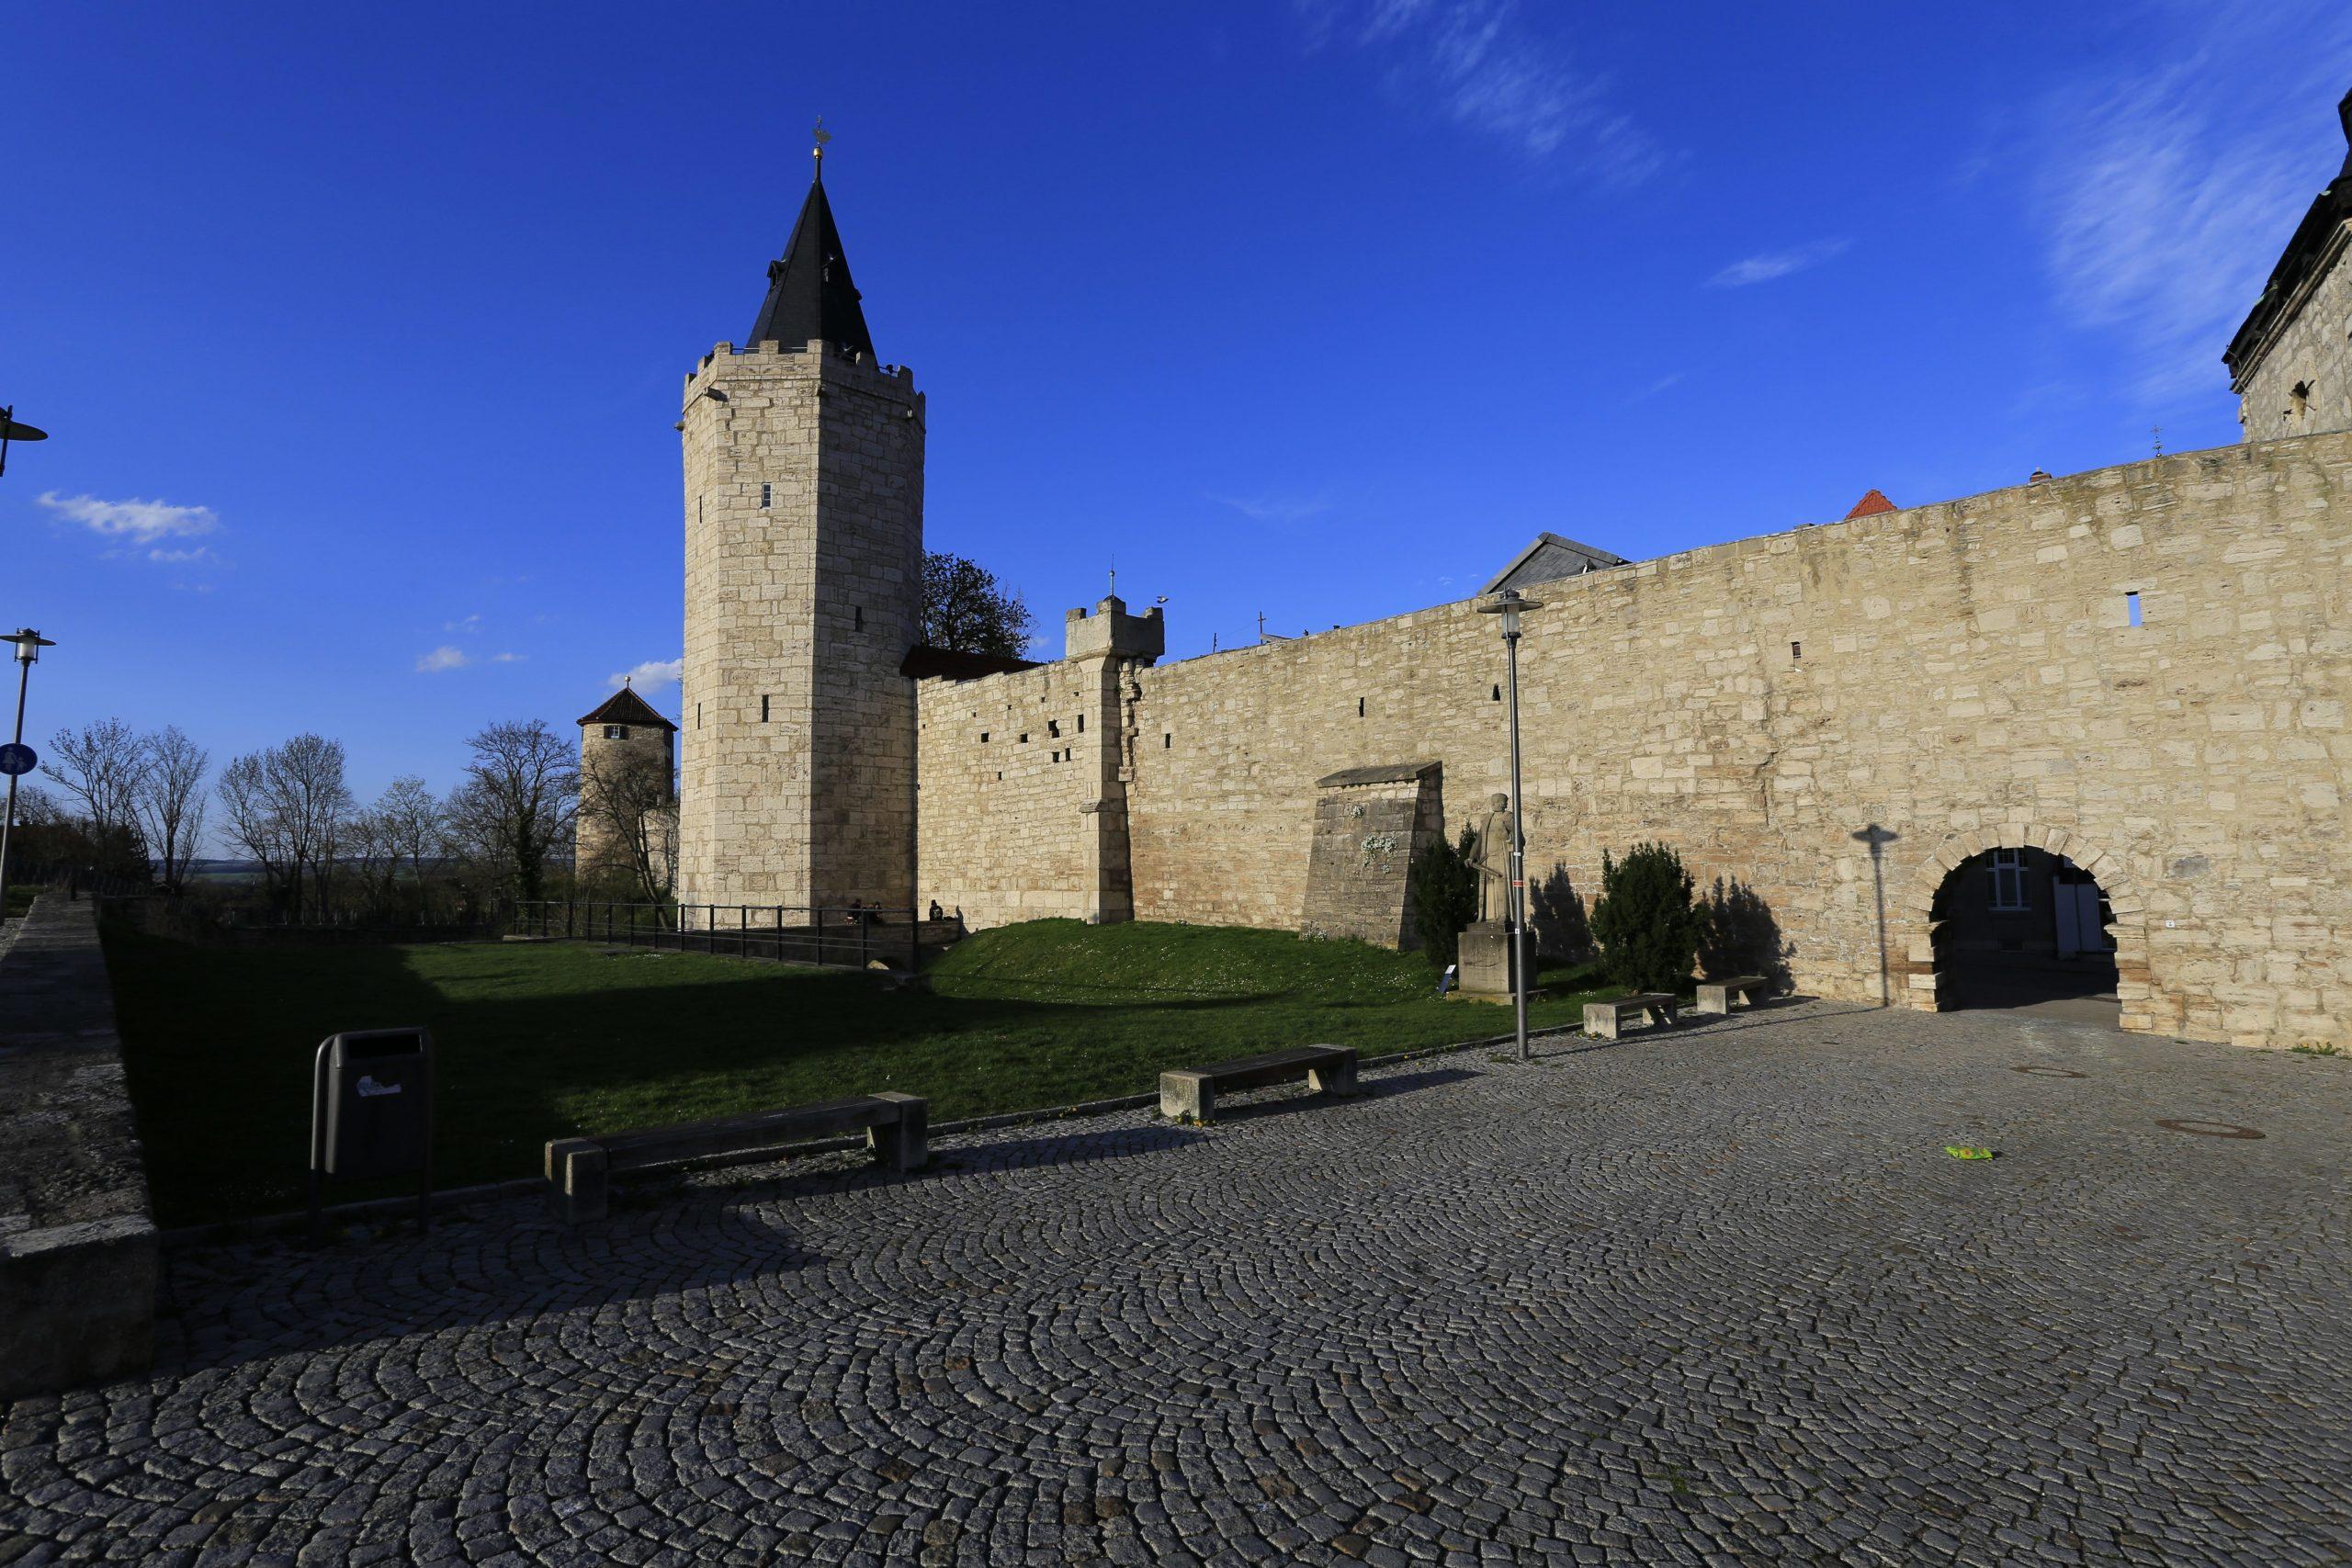 Stadtmauer von Mühlhausen: Vor den Toren der Stadt wurde der Reformator Thomas Müntzer hingerichtet Foto: picture alliance